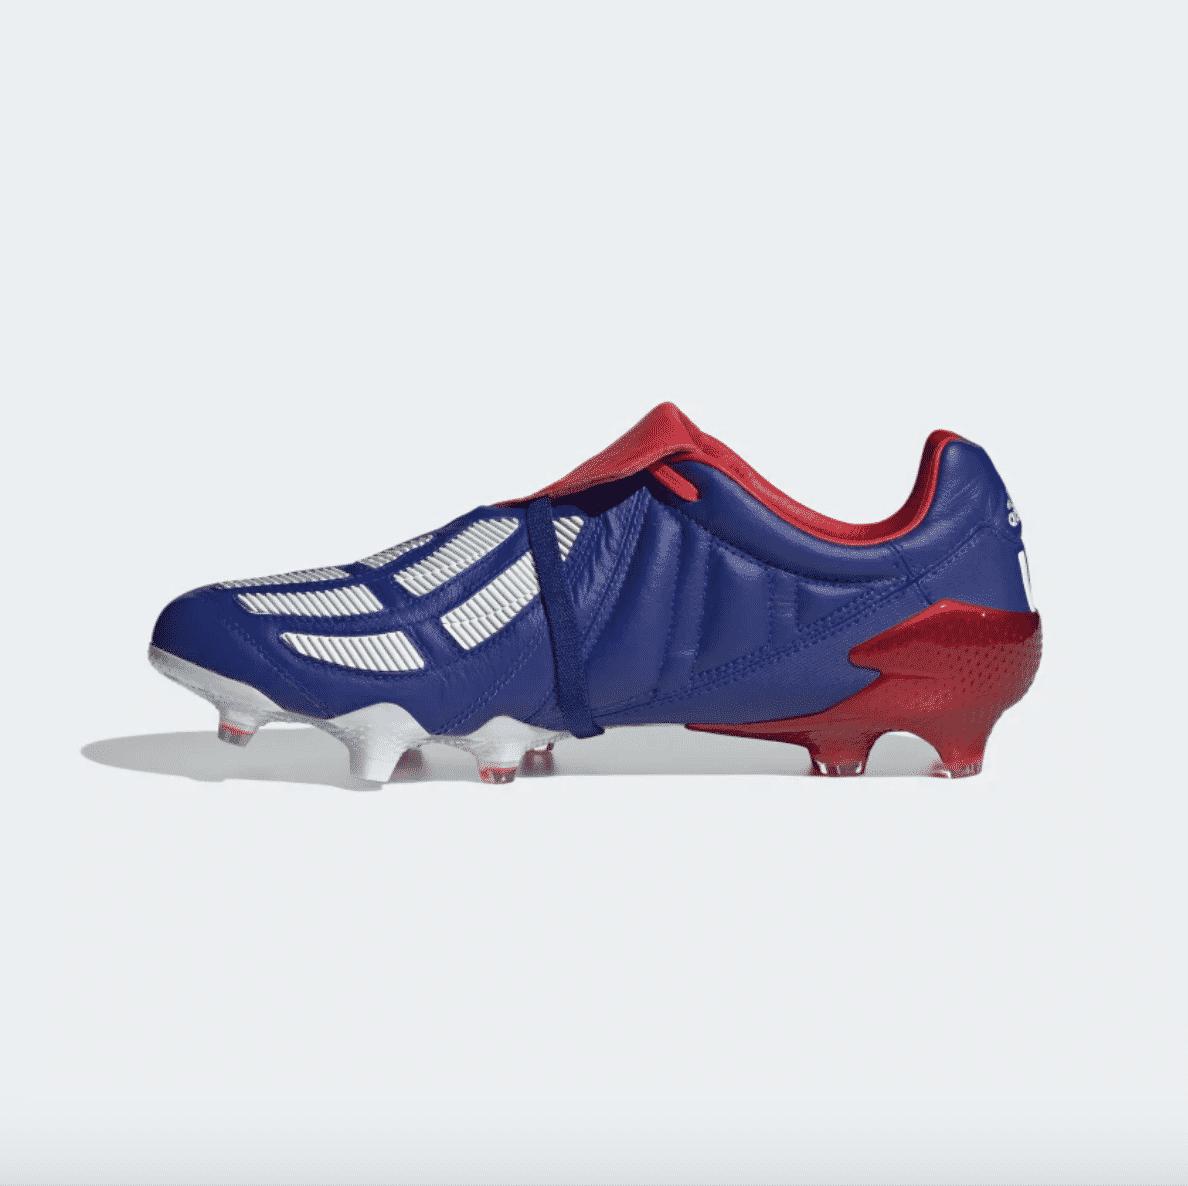 adidas-predator-20-mania-blue-japan-6